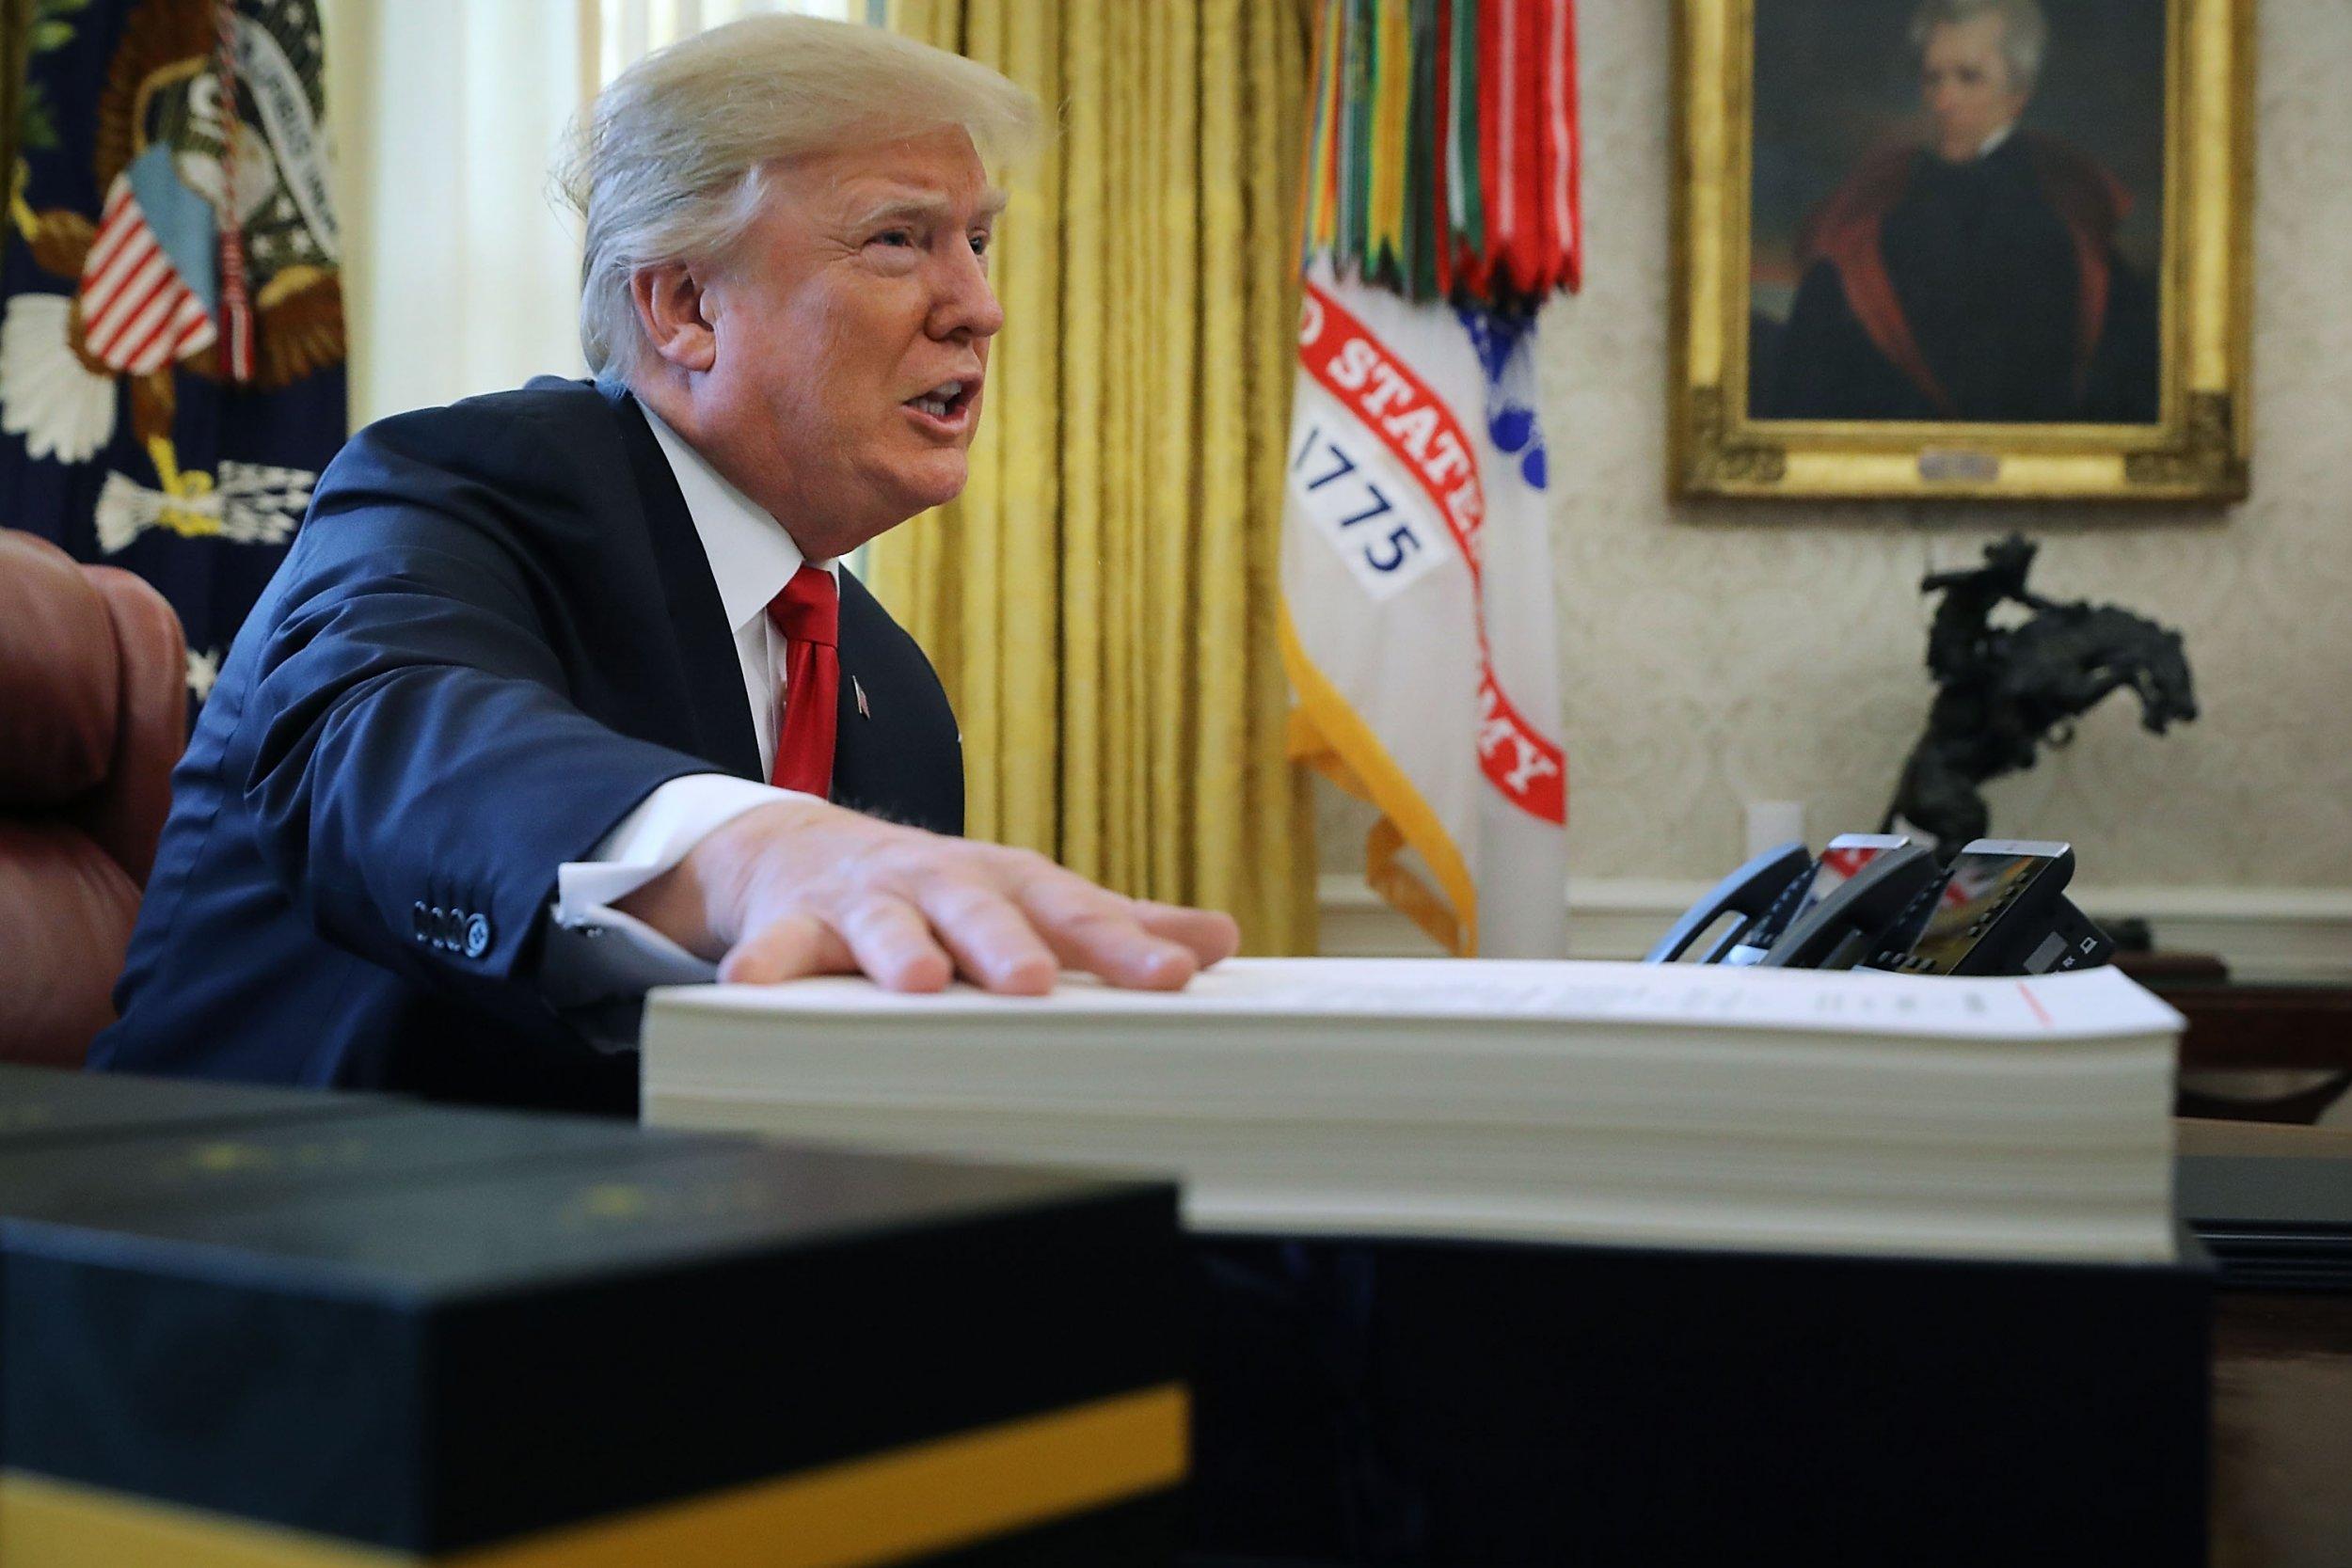 12_31_17_TrumpStaff